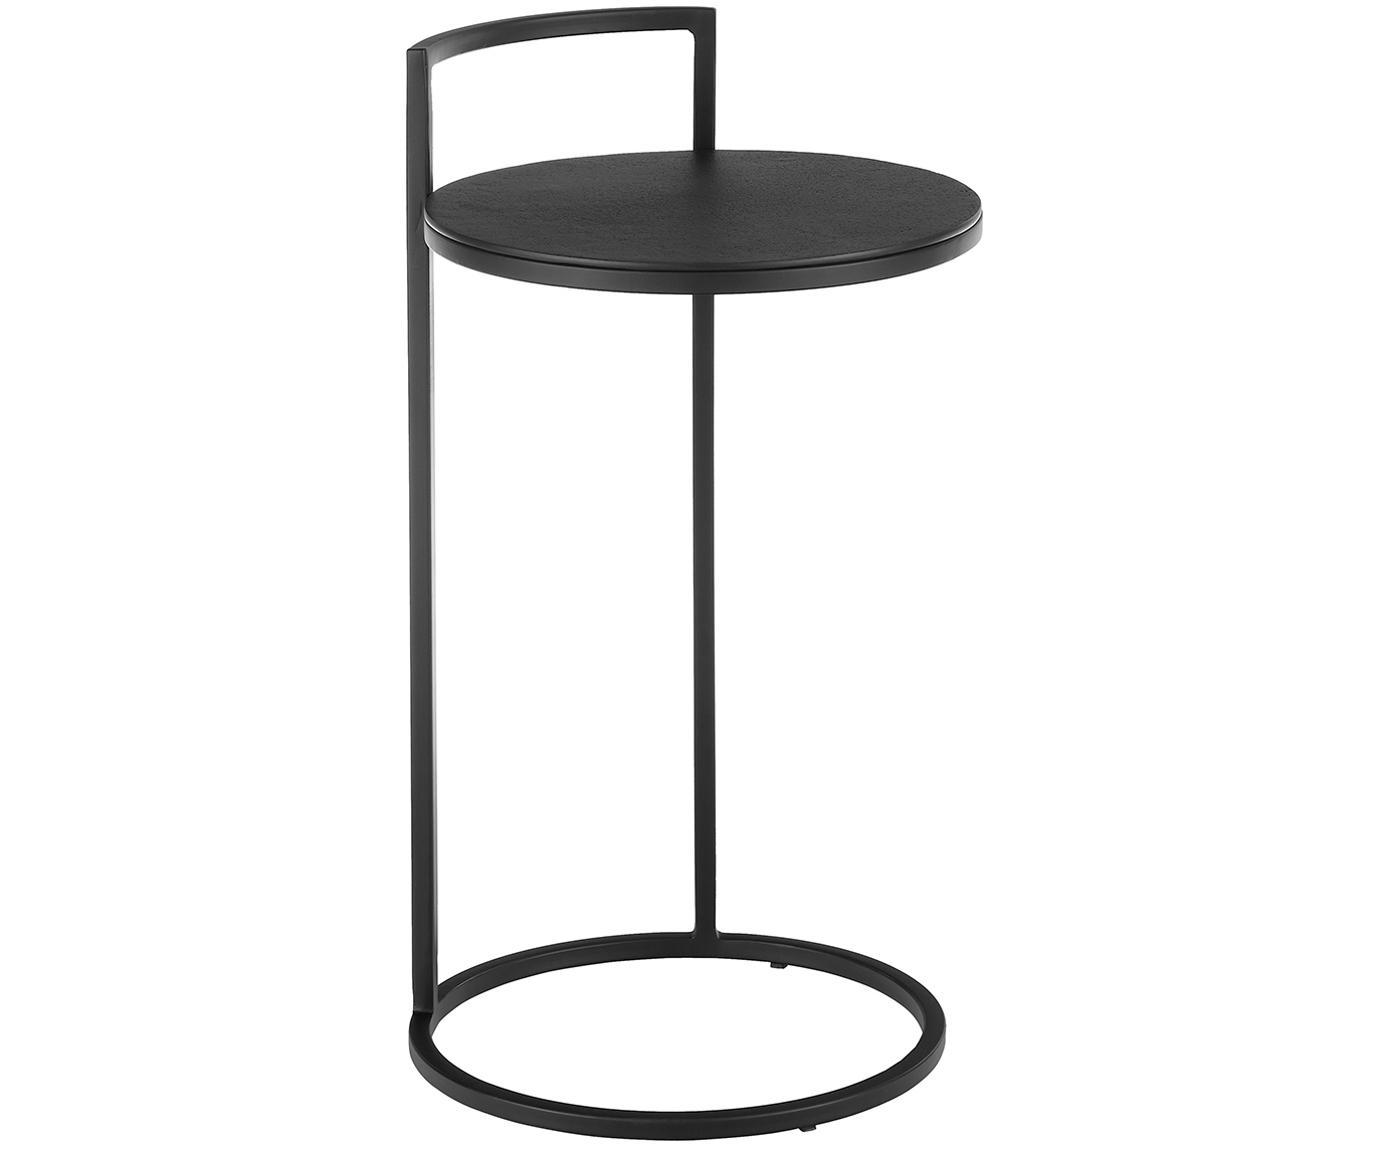 Mesa auxiliar redonda de metal Circle, Tablero: metal con pintura en polv, Estructura: metal con pintura en polv, Tablero: negro con efecto envejecido estructura: negro mate, Ø 36 x Al 66 cm